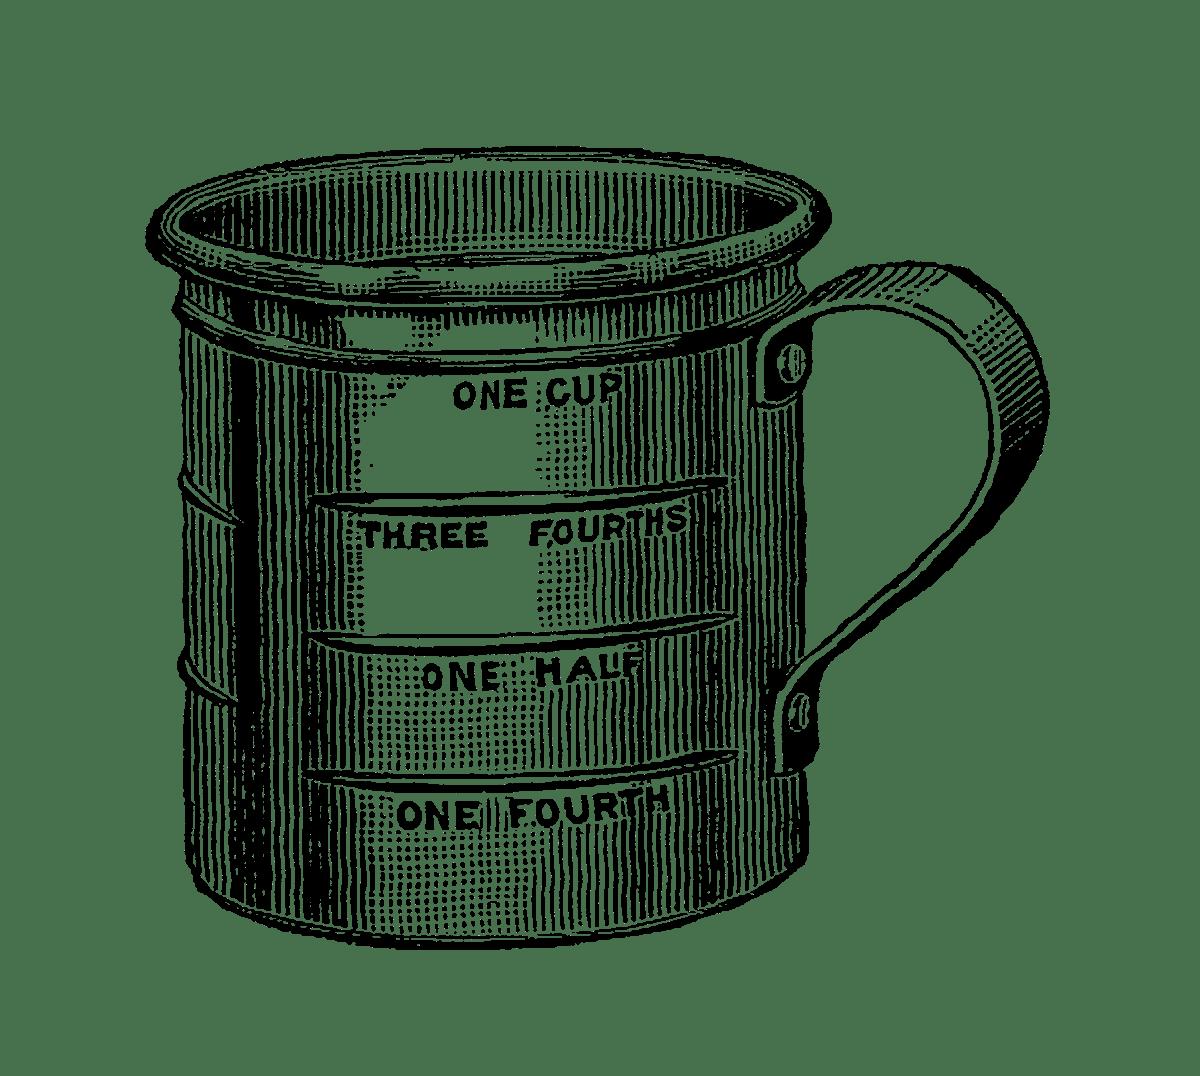 Cup Clipart Measurement Cup Measurement Transparent Free